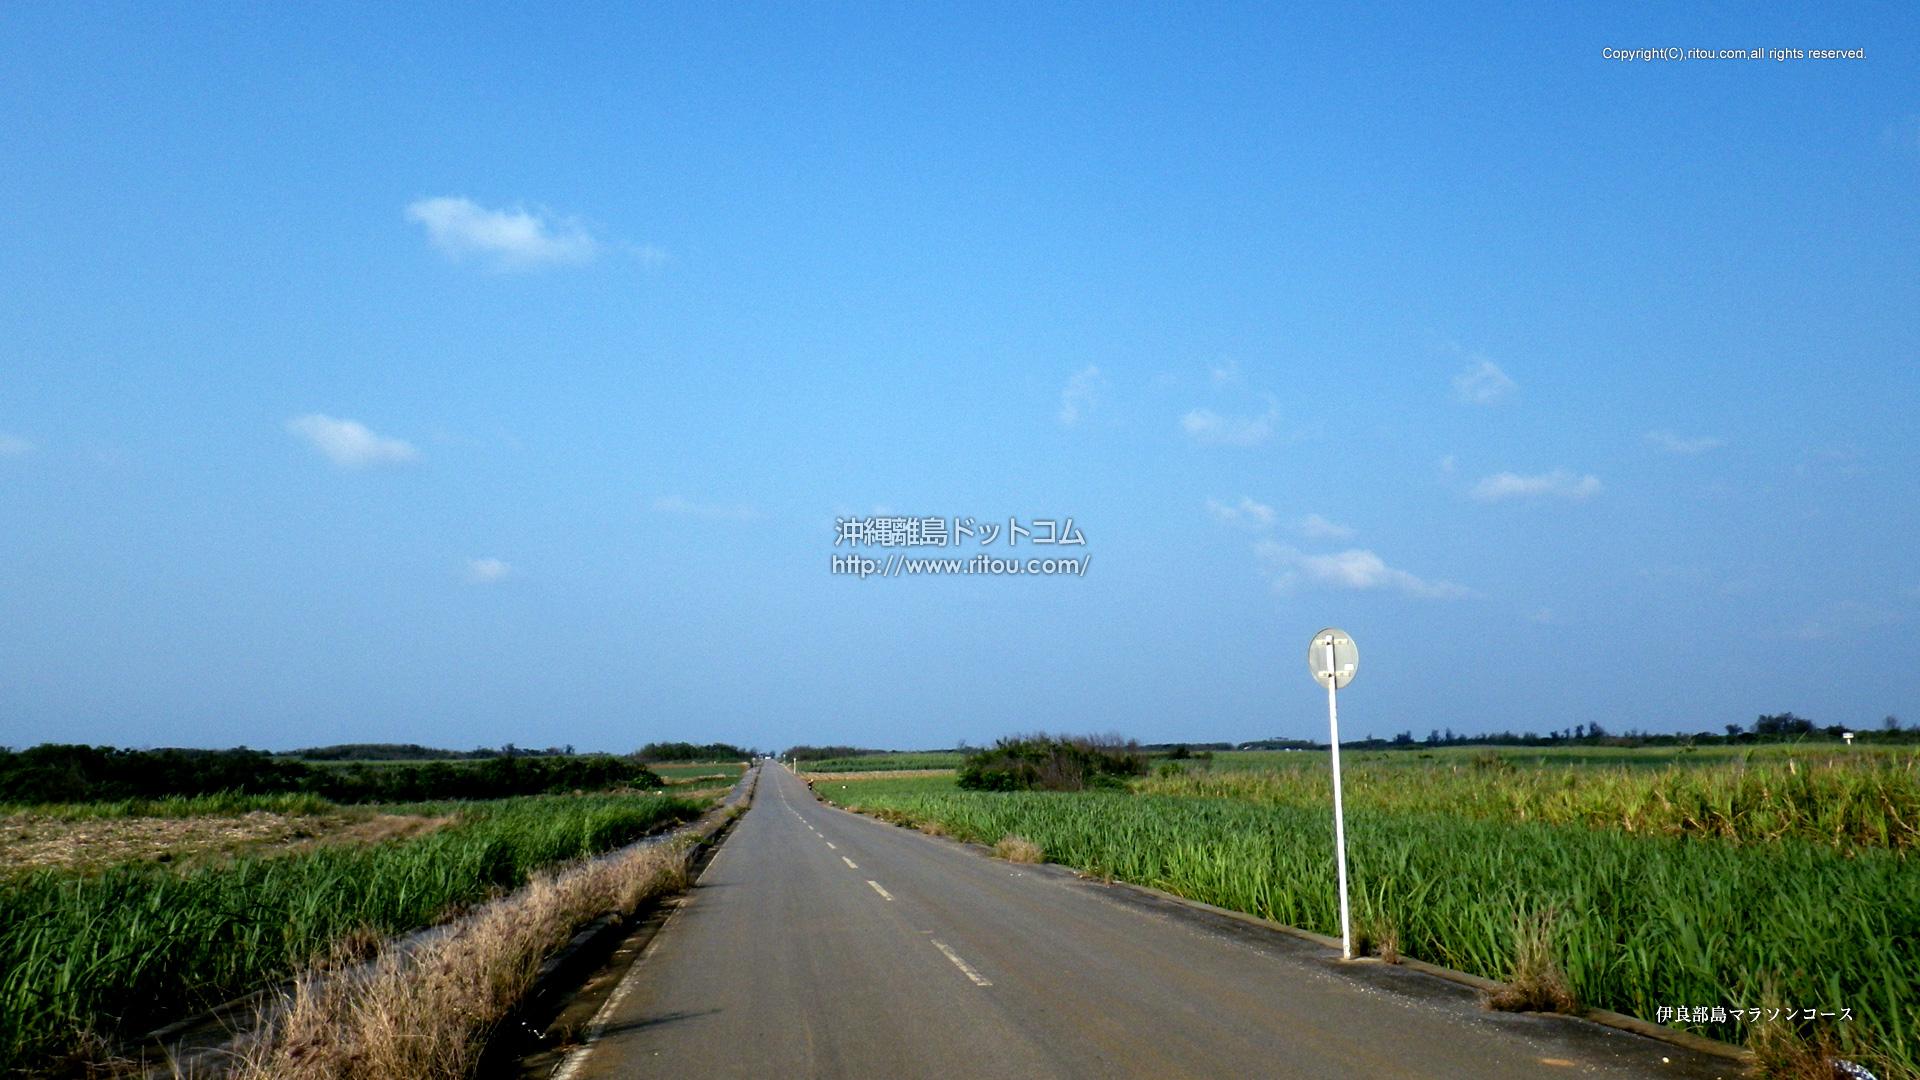 伊良部島マラソンコース